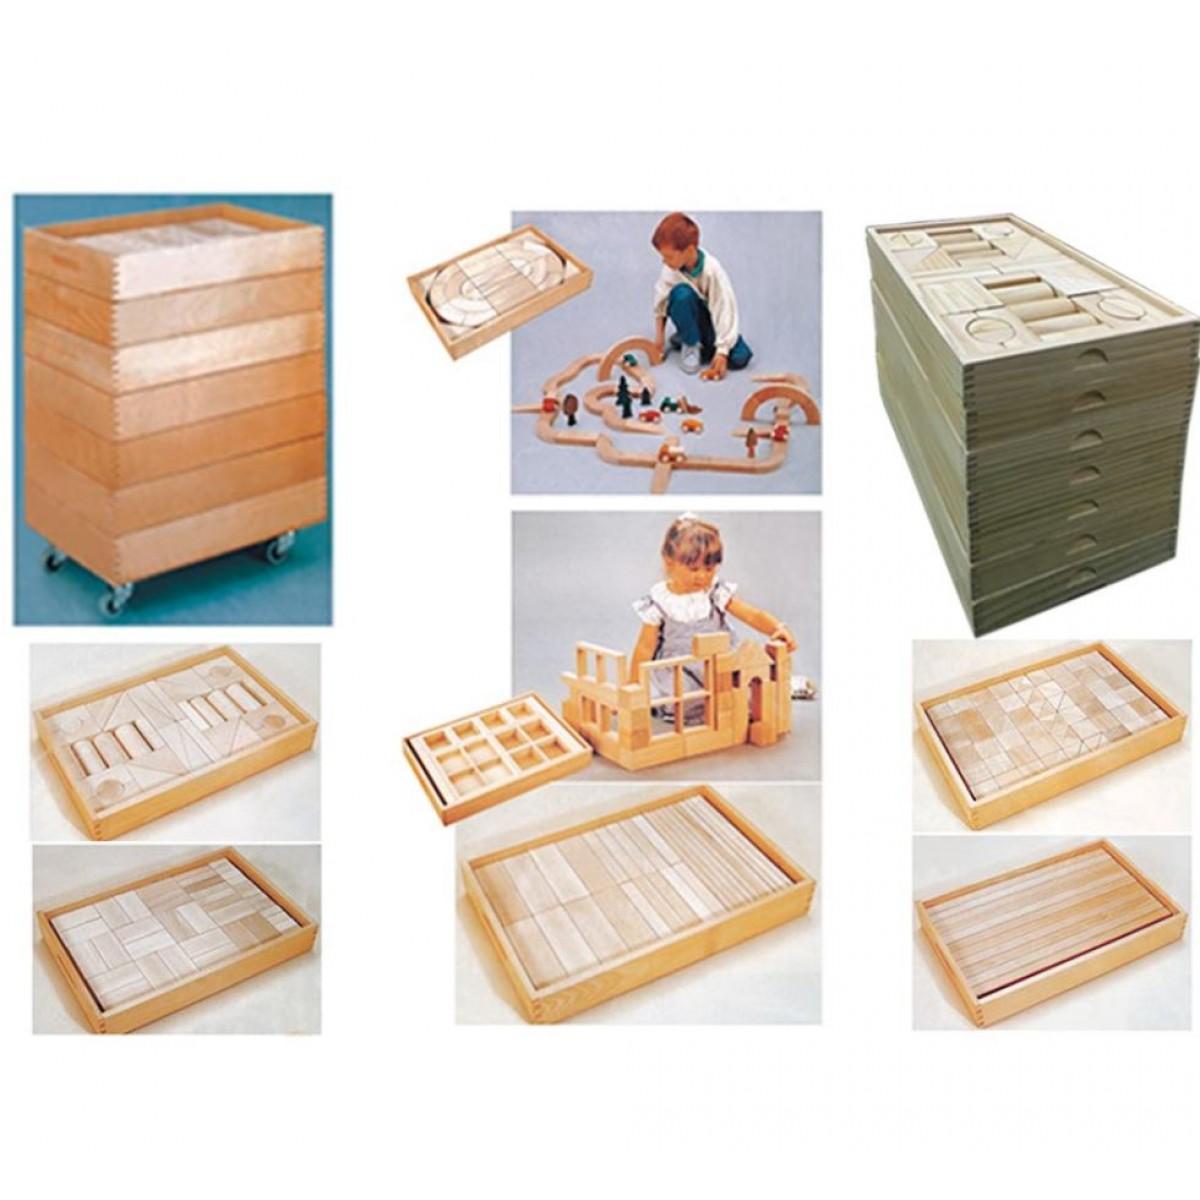 مكعبات خشبية 317 قطعة مع 7 صندوق